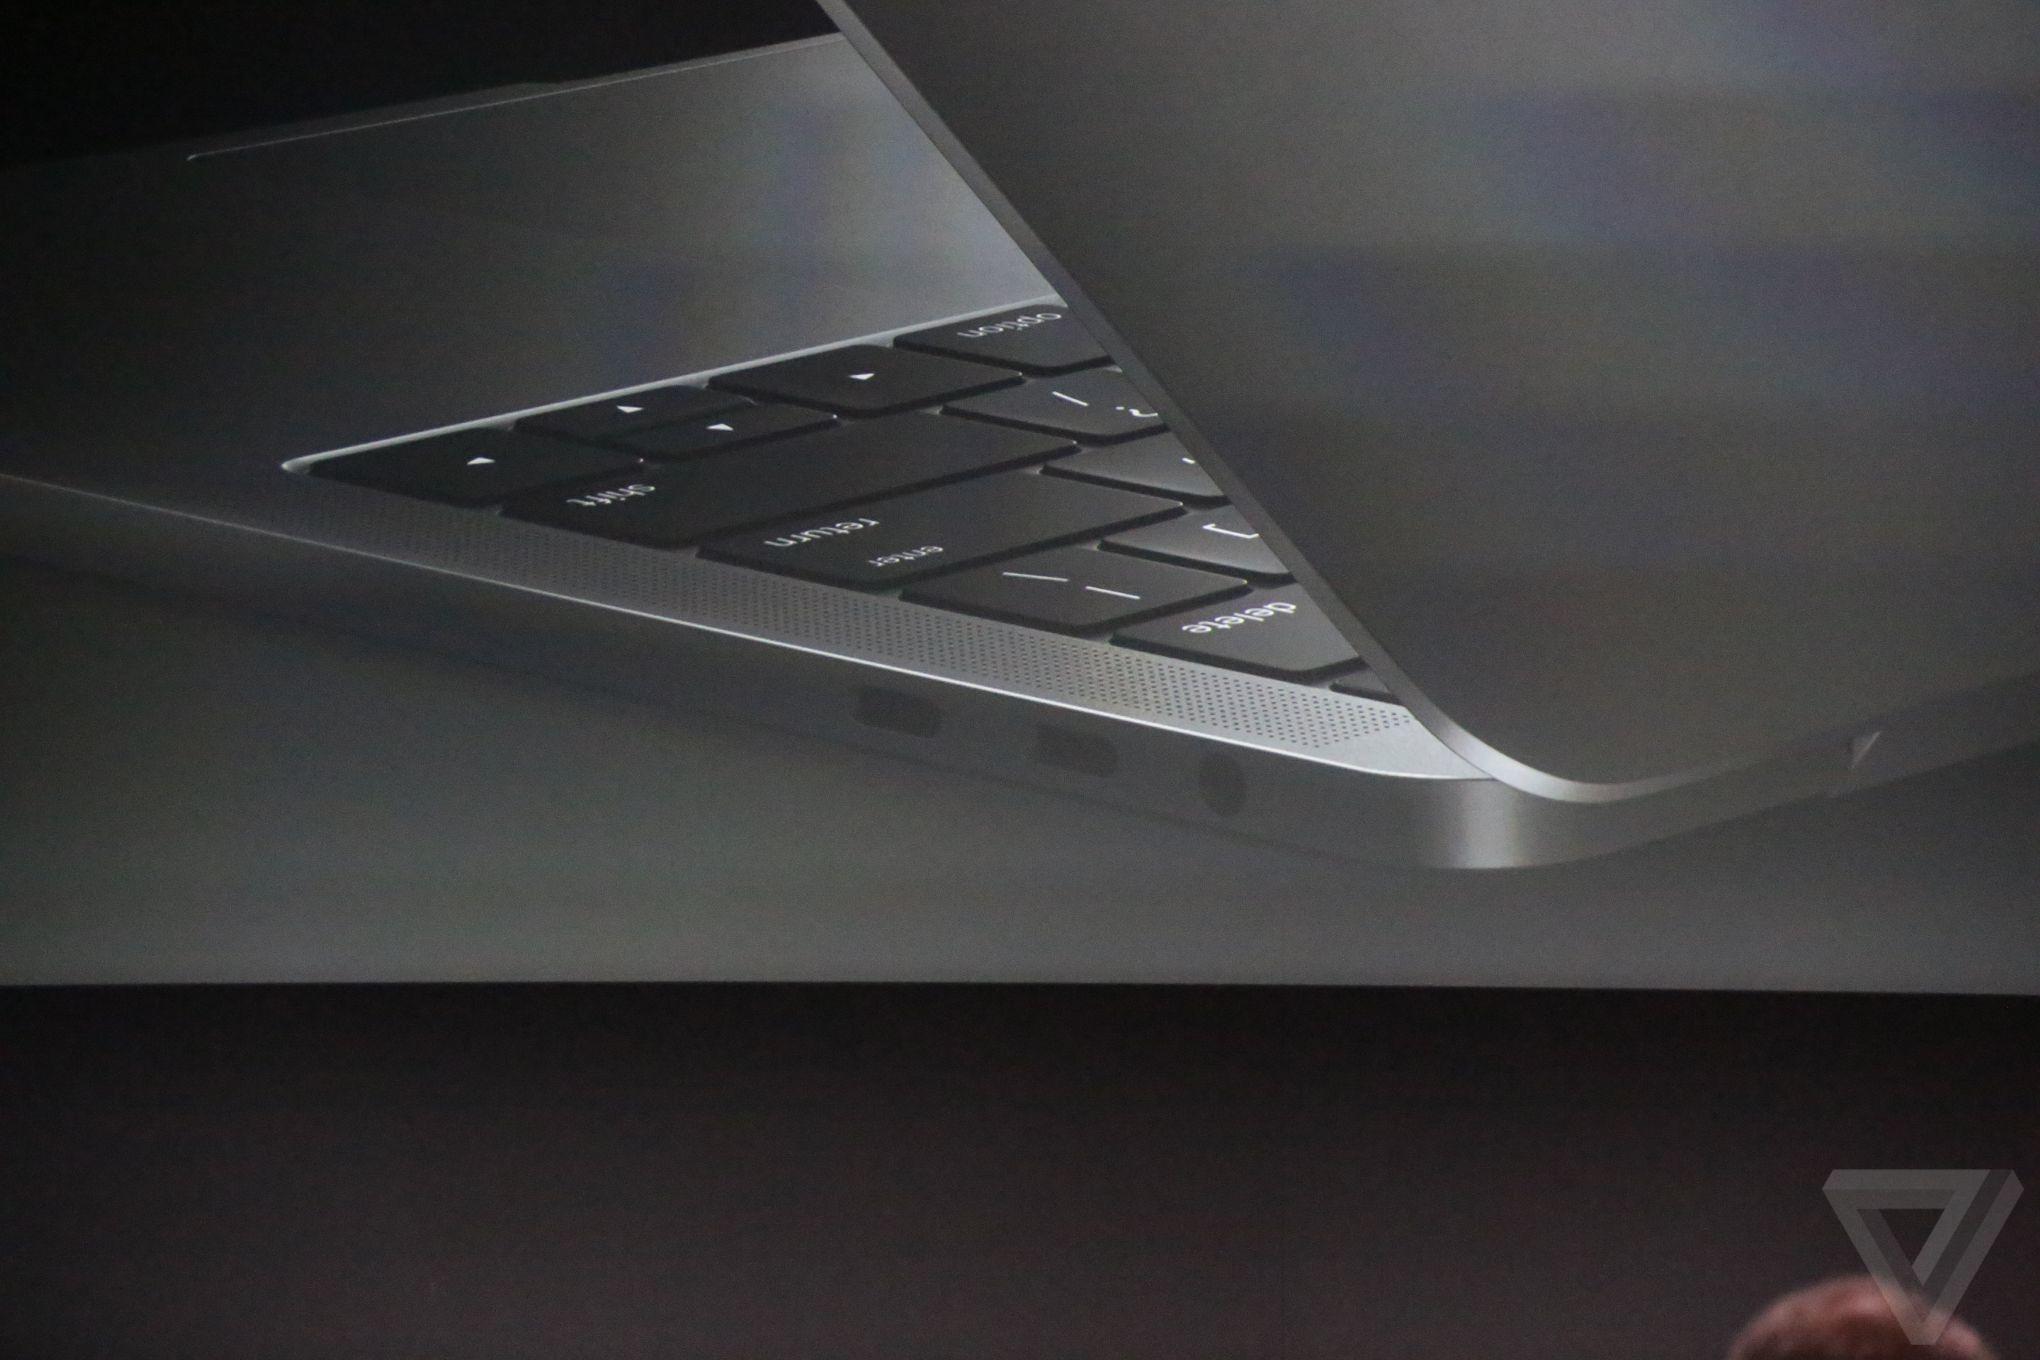 apple-macbook-event-20161027-8034